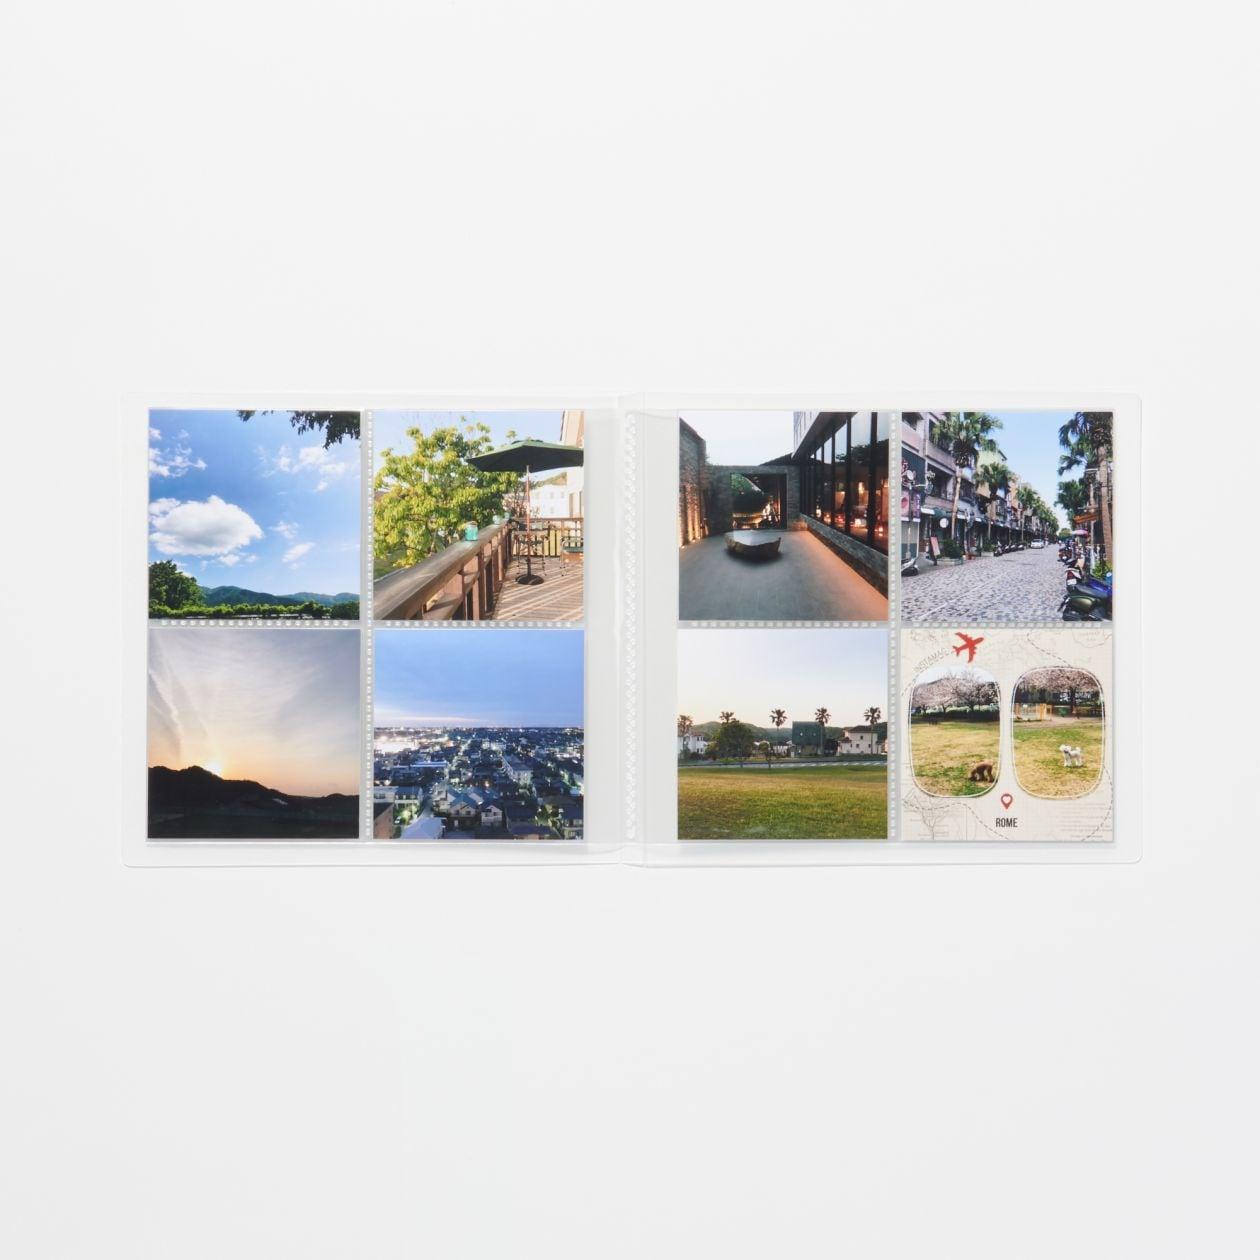 無印良品 ポリプロピレンアルバム 2段 スクエアサイズ